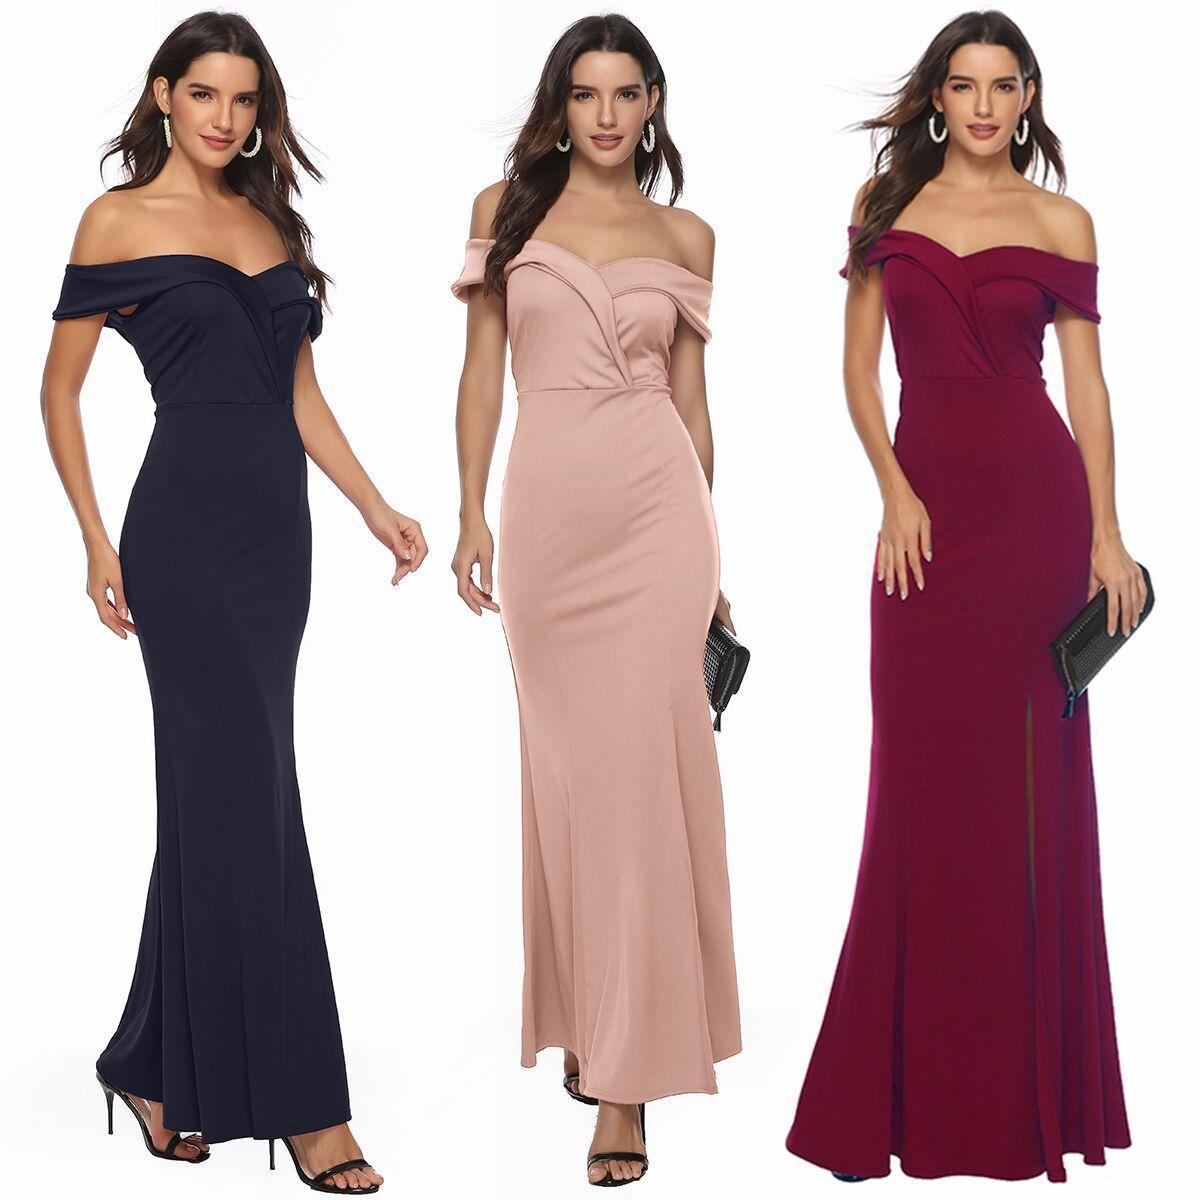 2020 Frauengrenzüberschreitende Explosion Modelle in Europa und Amerika den neuen V-Ausschnitt Kleid Bankett Abendkleid Schlitz Rock